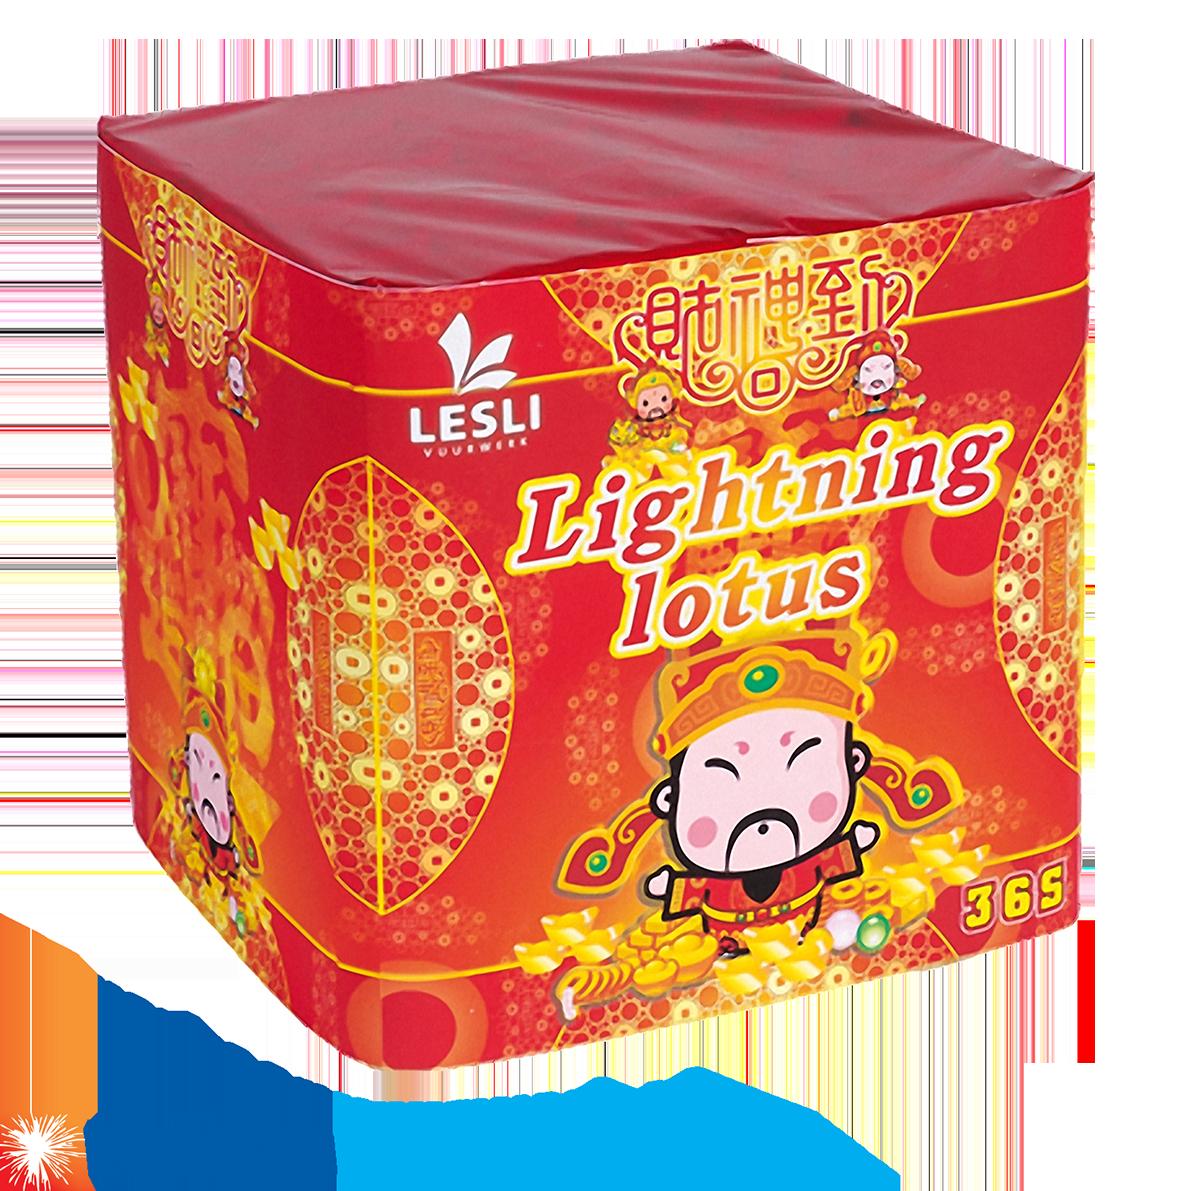 Lightning lotus